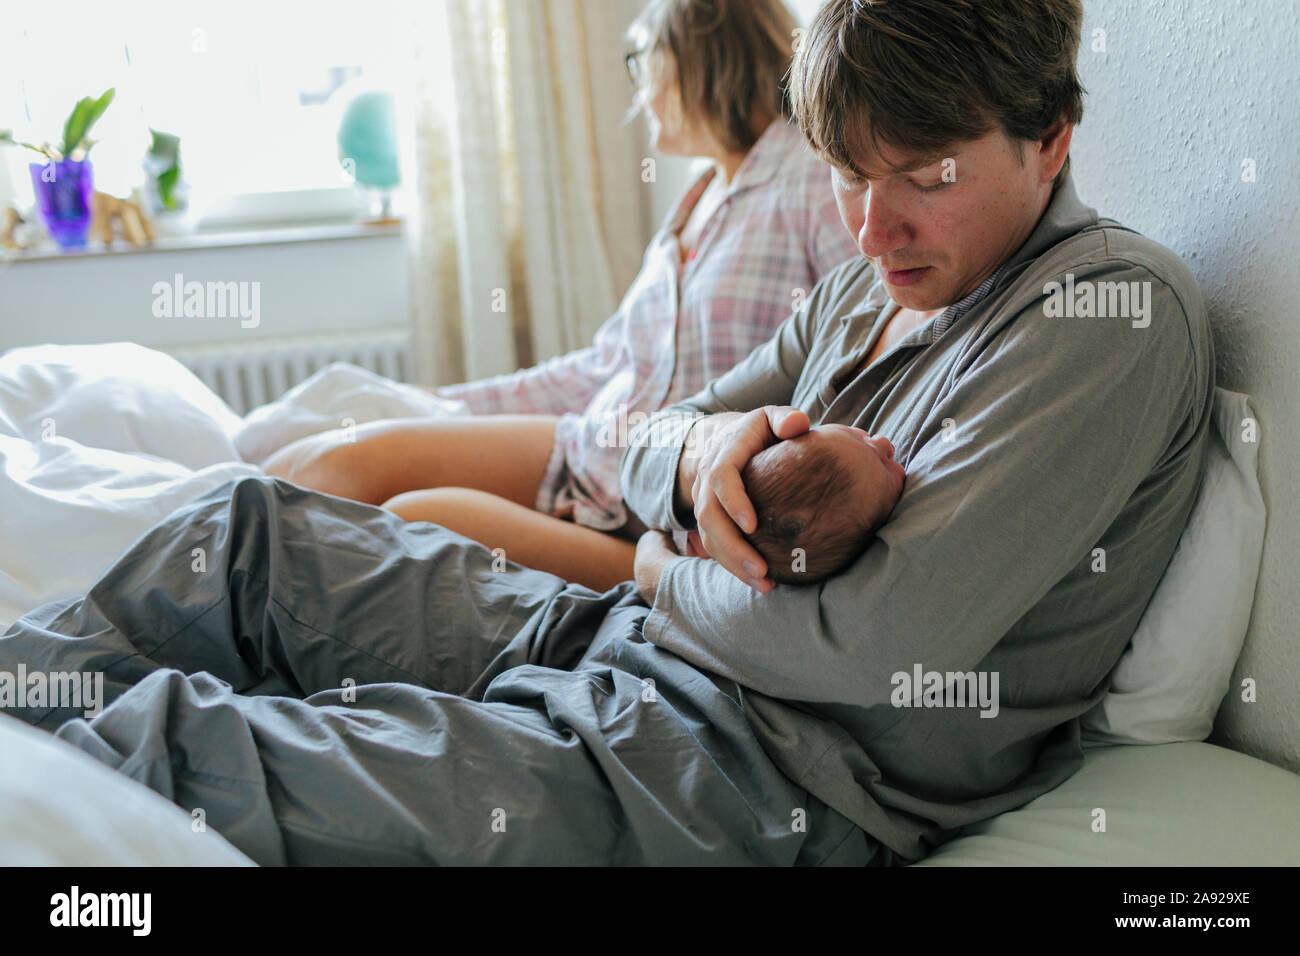 Père avec bébé au lit, woman on background Banque D'Images